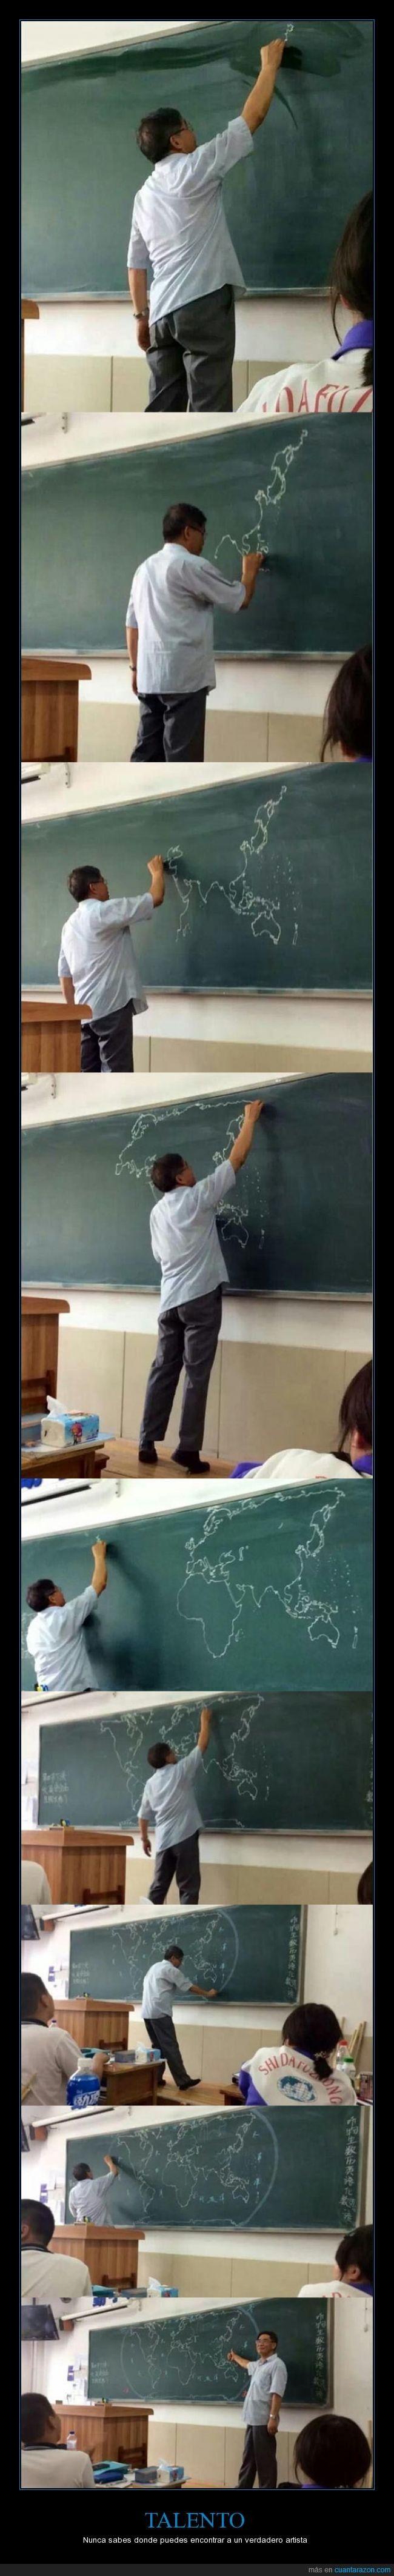 Espectacular el dibujo que acaba haciendo este profesor - Nunca sabes donde puedes encontrar a un verdadero artista